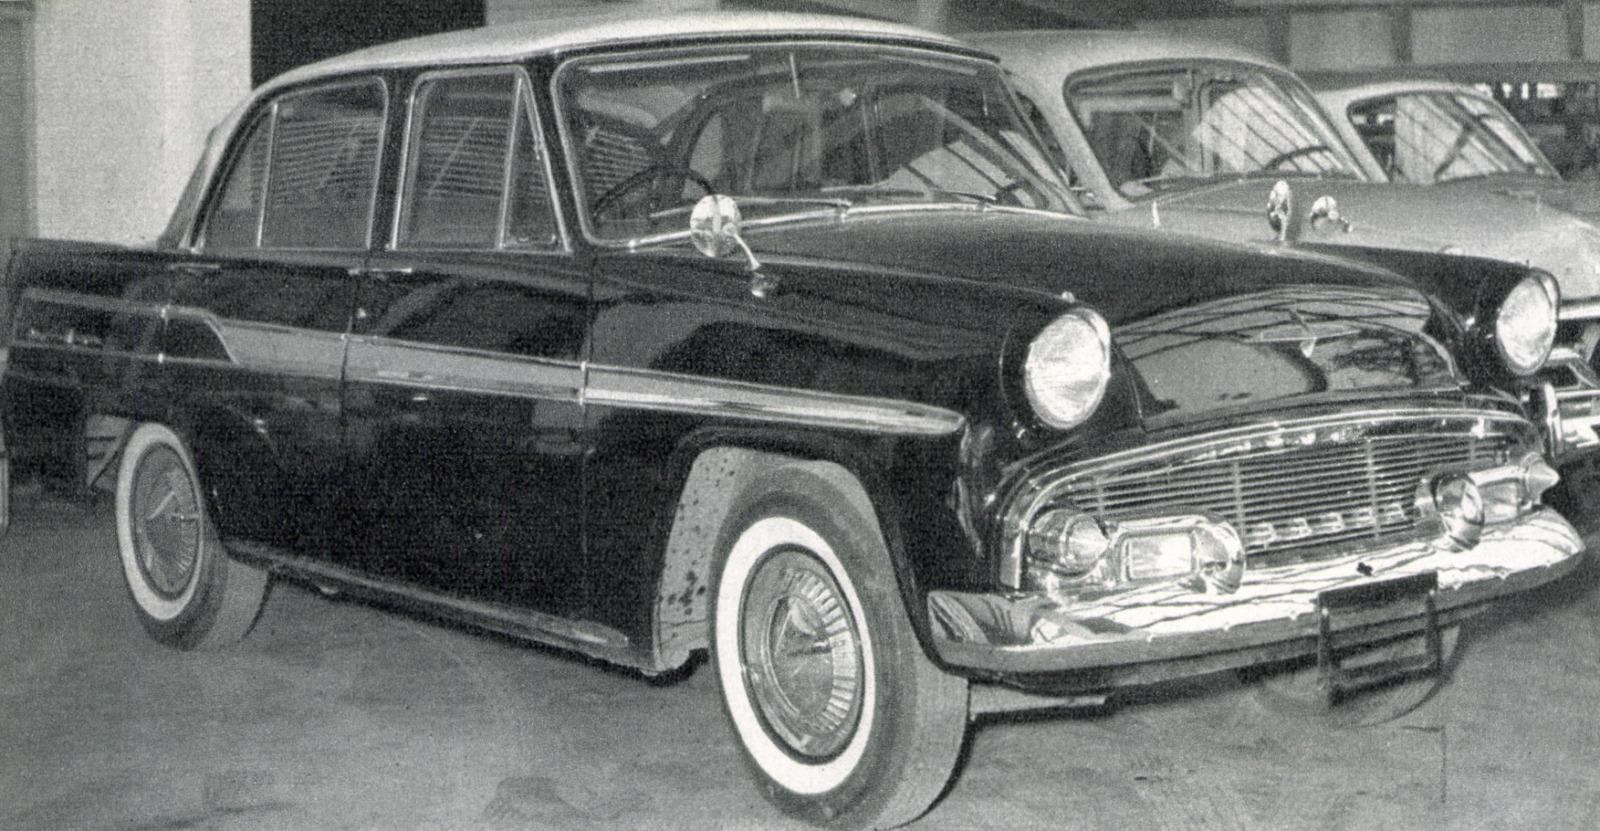 「マツダ初の乗用車「R360」と「キャロル」【マツダ100年史・第9回・第3章 その2】」の7枚目の画像